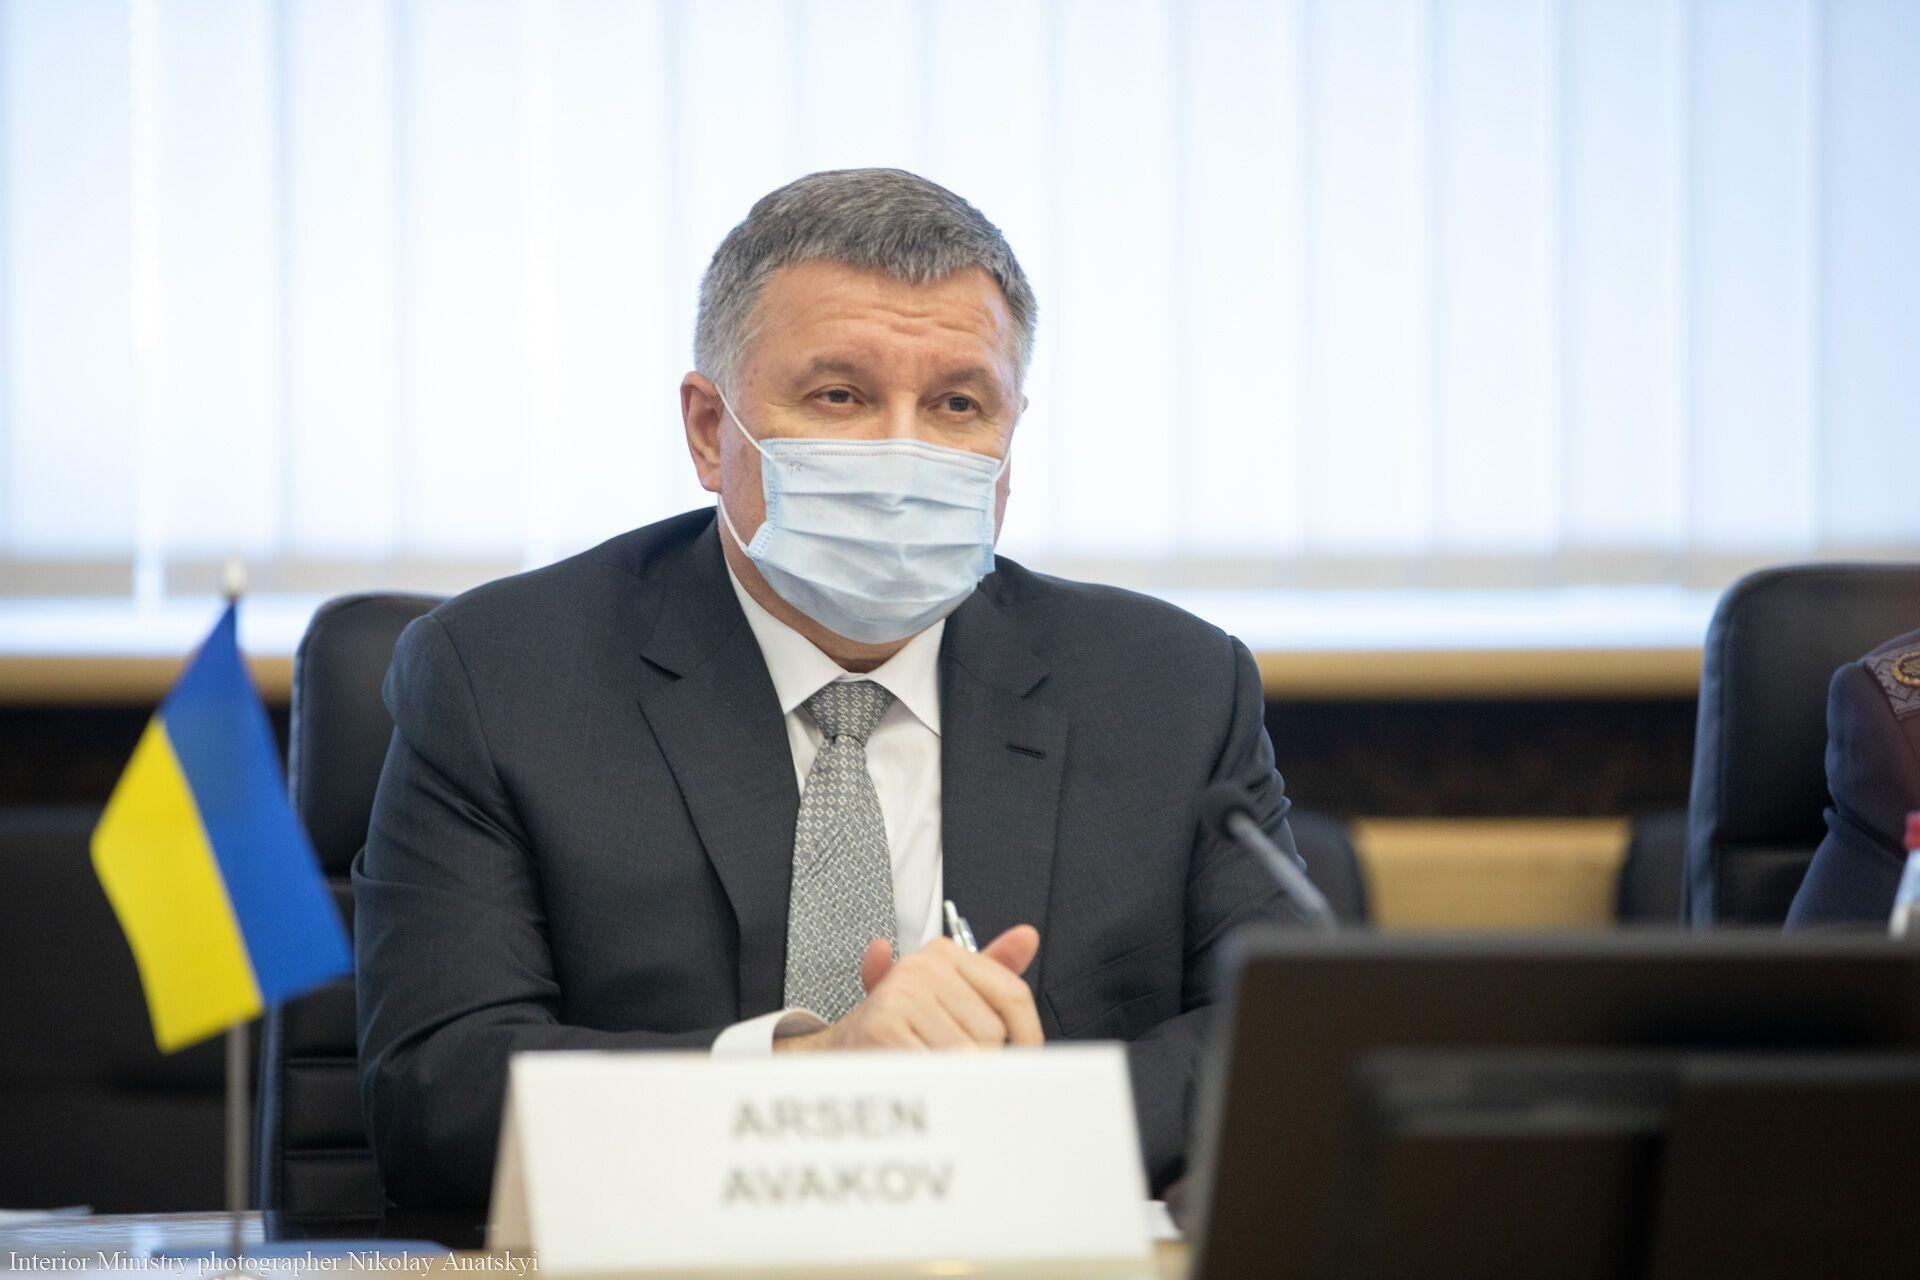 Аваков заявил о реформировании гидрометеорологической системы государства